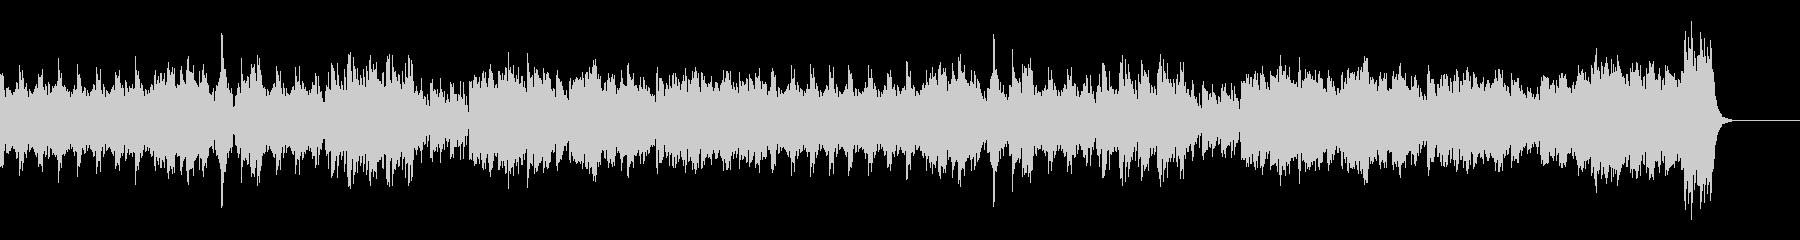 爽やかなピアノBGMの未再生の波形